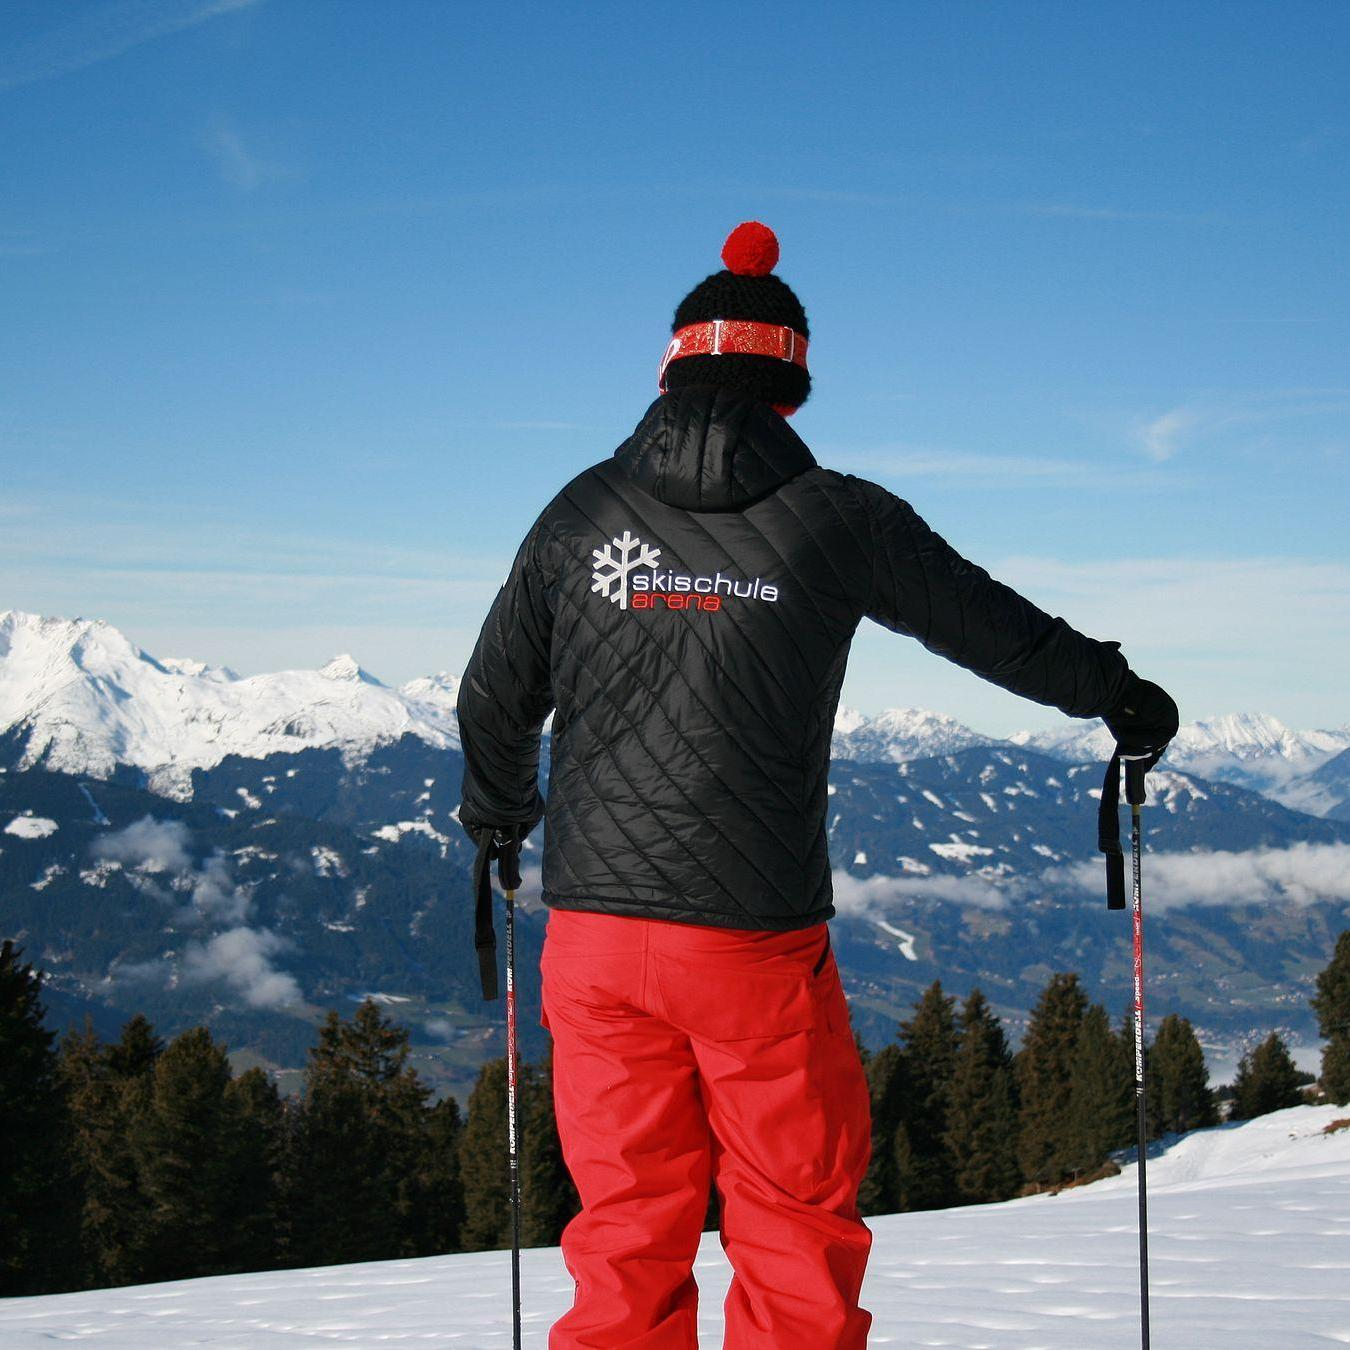 Privélessen skiën voor volwassenen - Alle niveaus